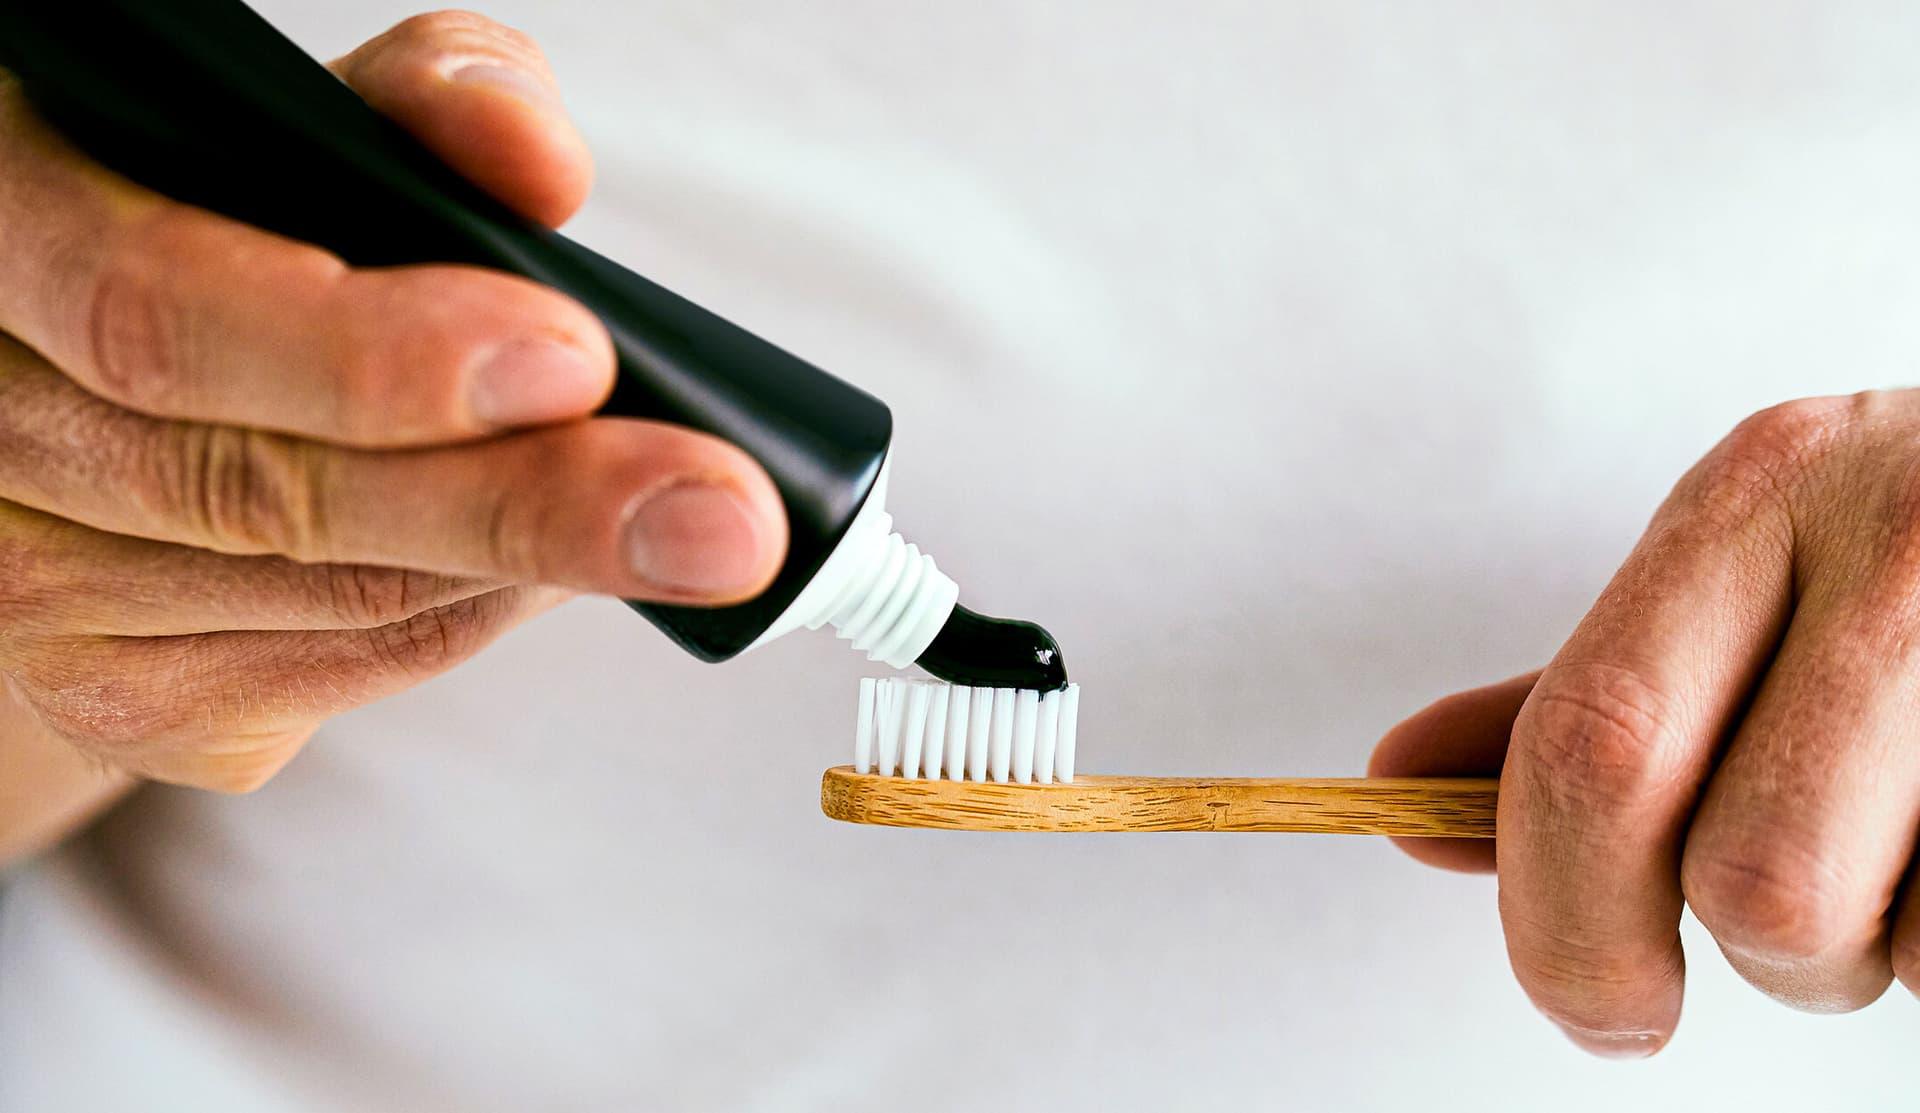 Schwarze Zahncreme wird aus einer Tube auf die Borsten einer Bambus-Zahnbürste gedrückt.